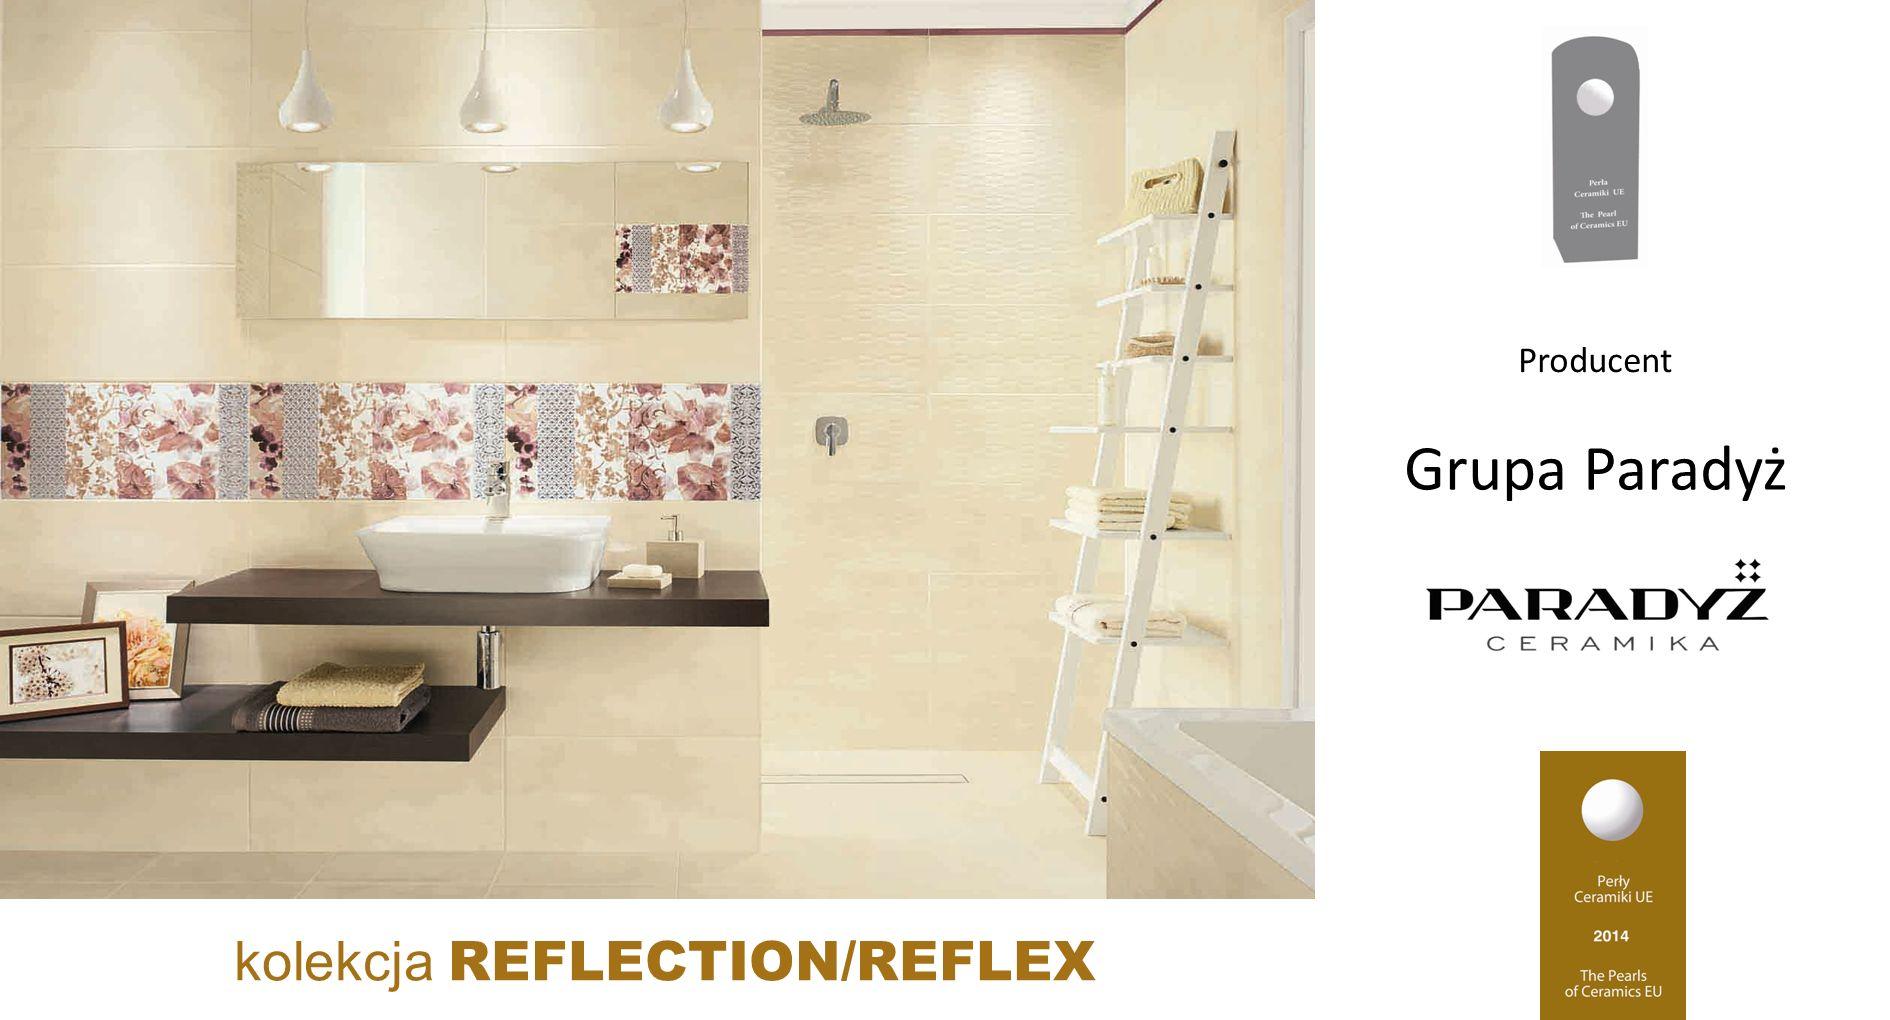 Grupa Paradyż kolekcja REFLECTION/REFLEX Producent